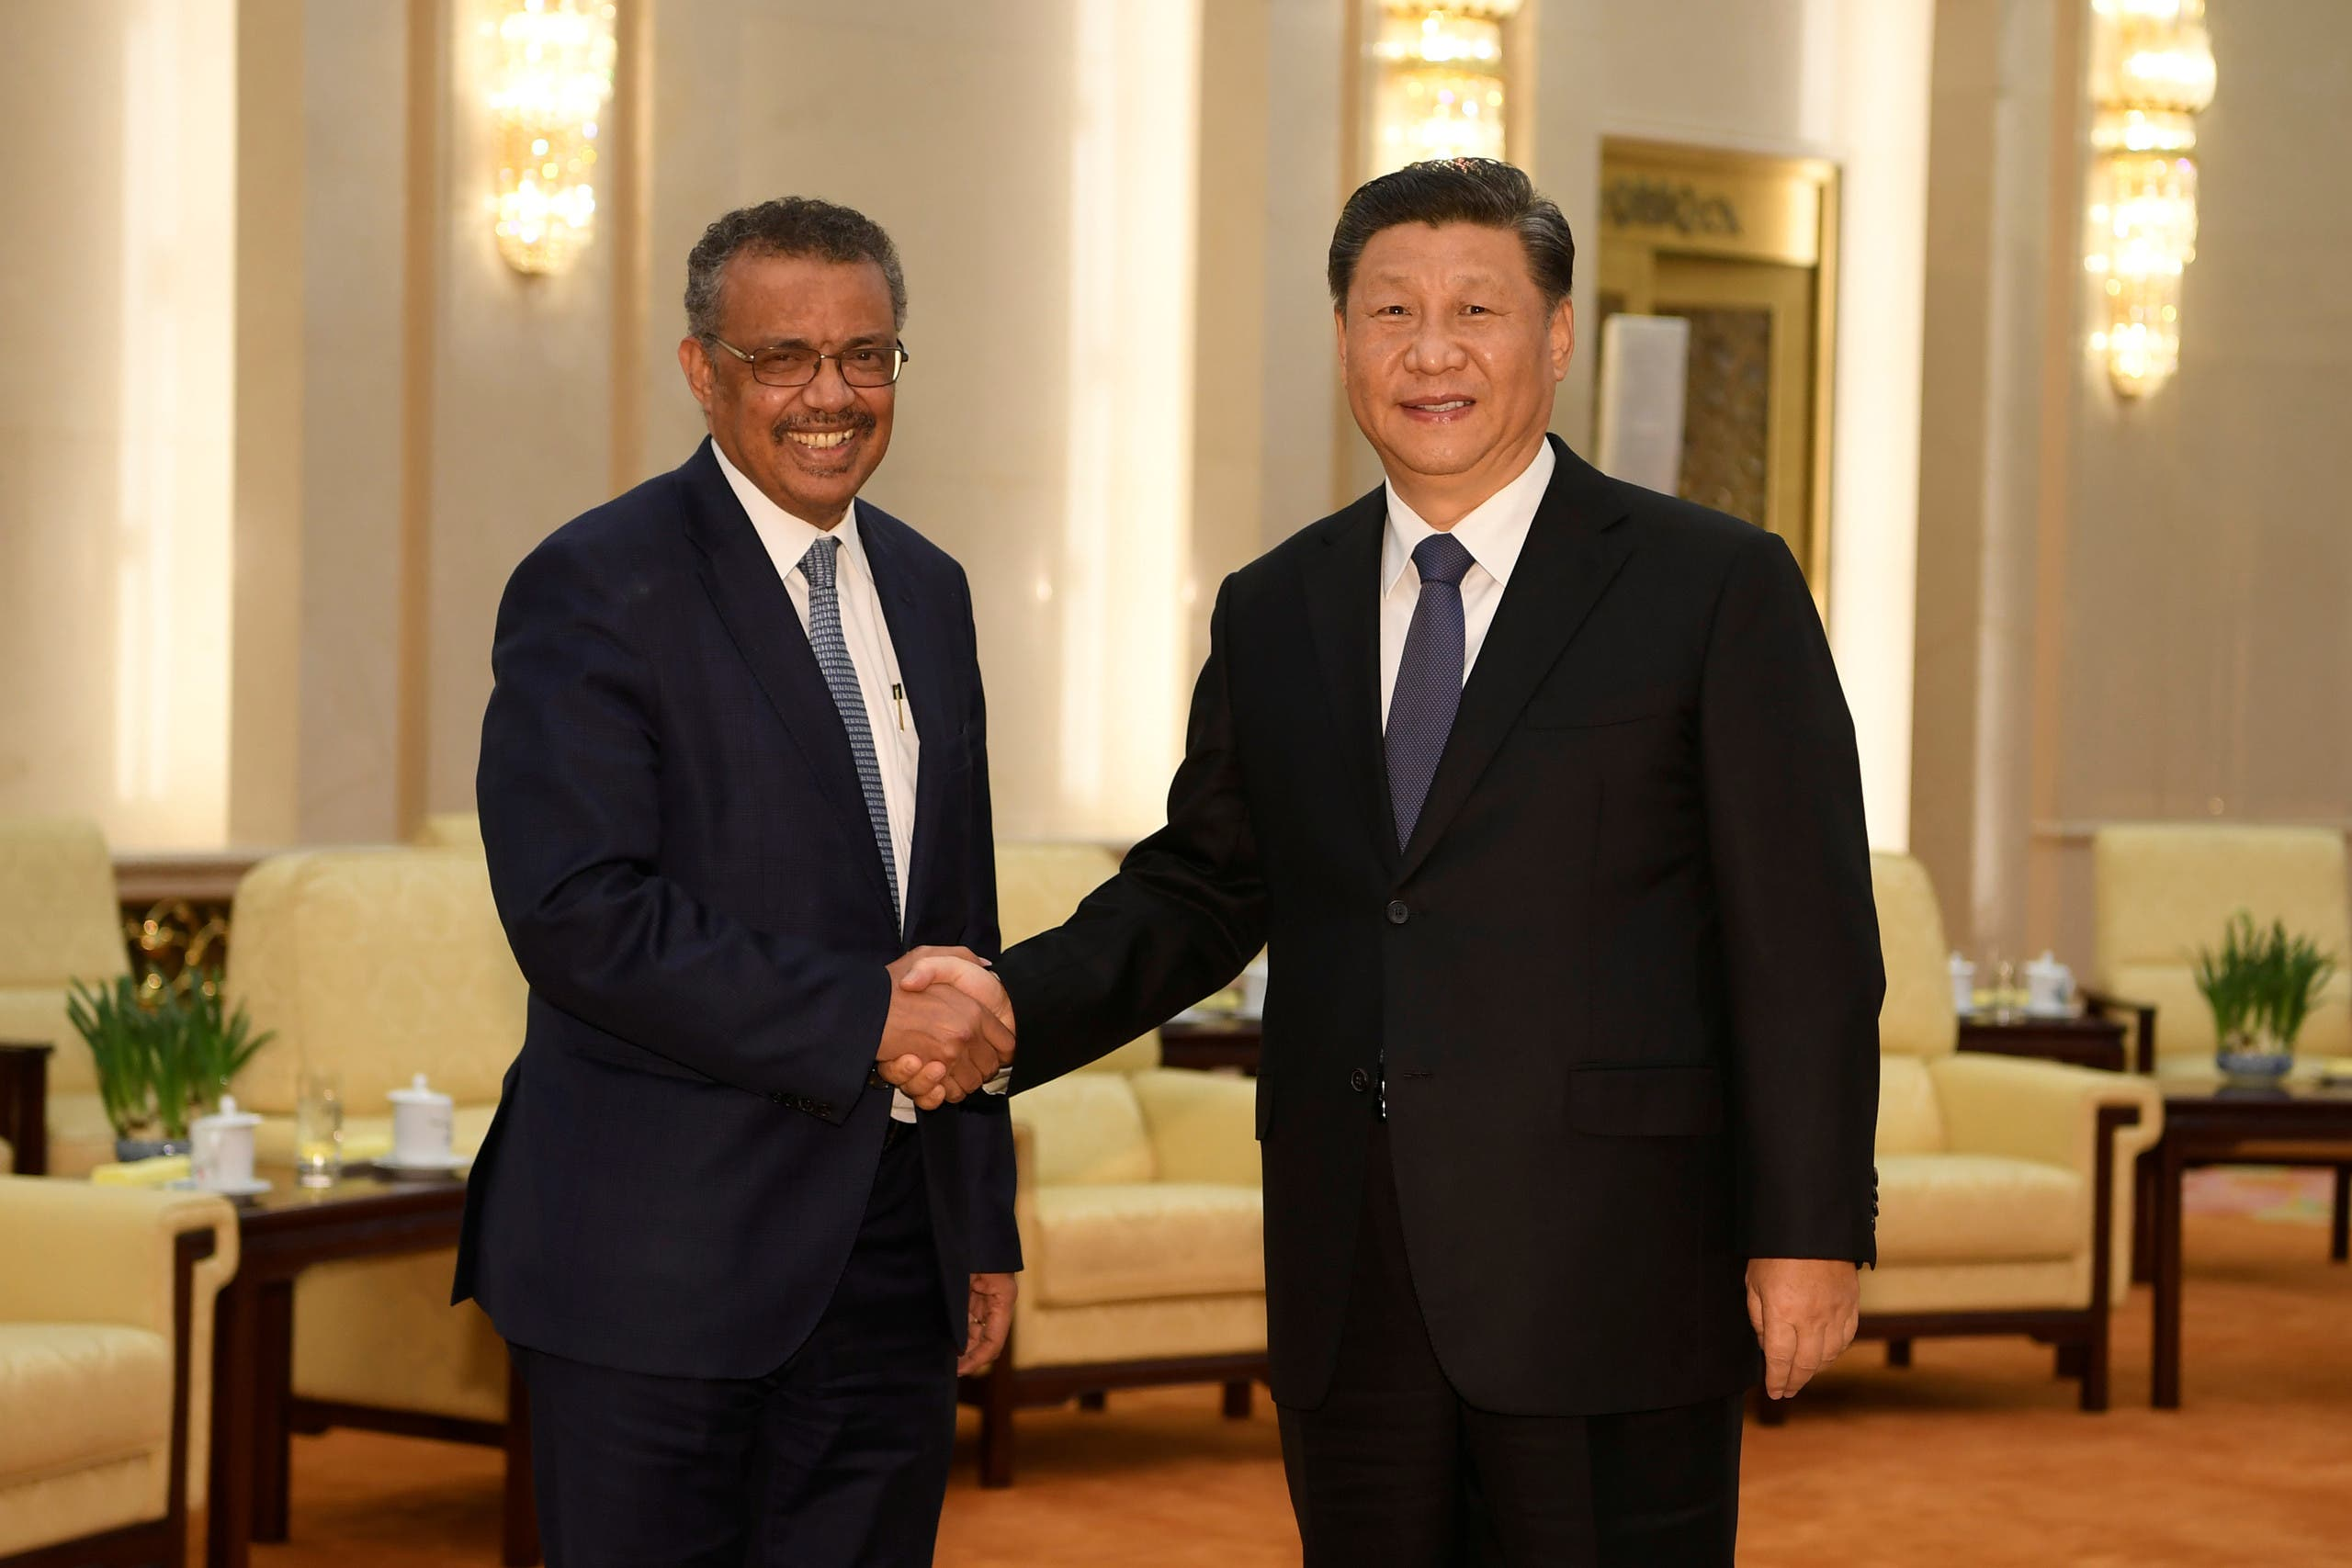 الرئيس الصيني ومدير منظمة الصحة في بكين يوم 28 يناير